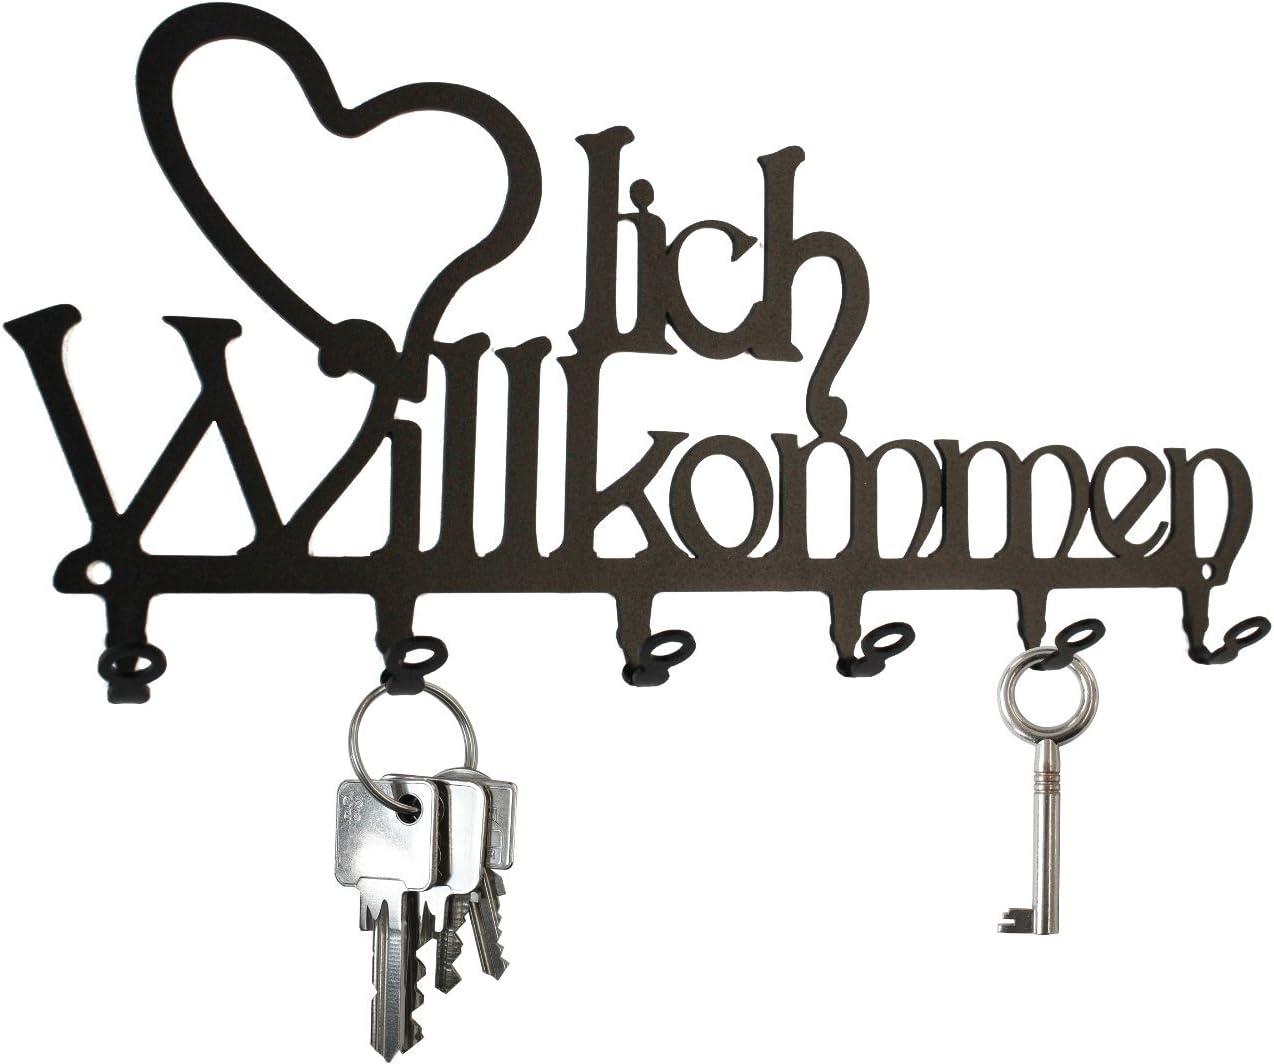 Hakenleiste Metall schwarz Schlüsselbrett ** Herzlich Willkommen ** 6 Haken